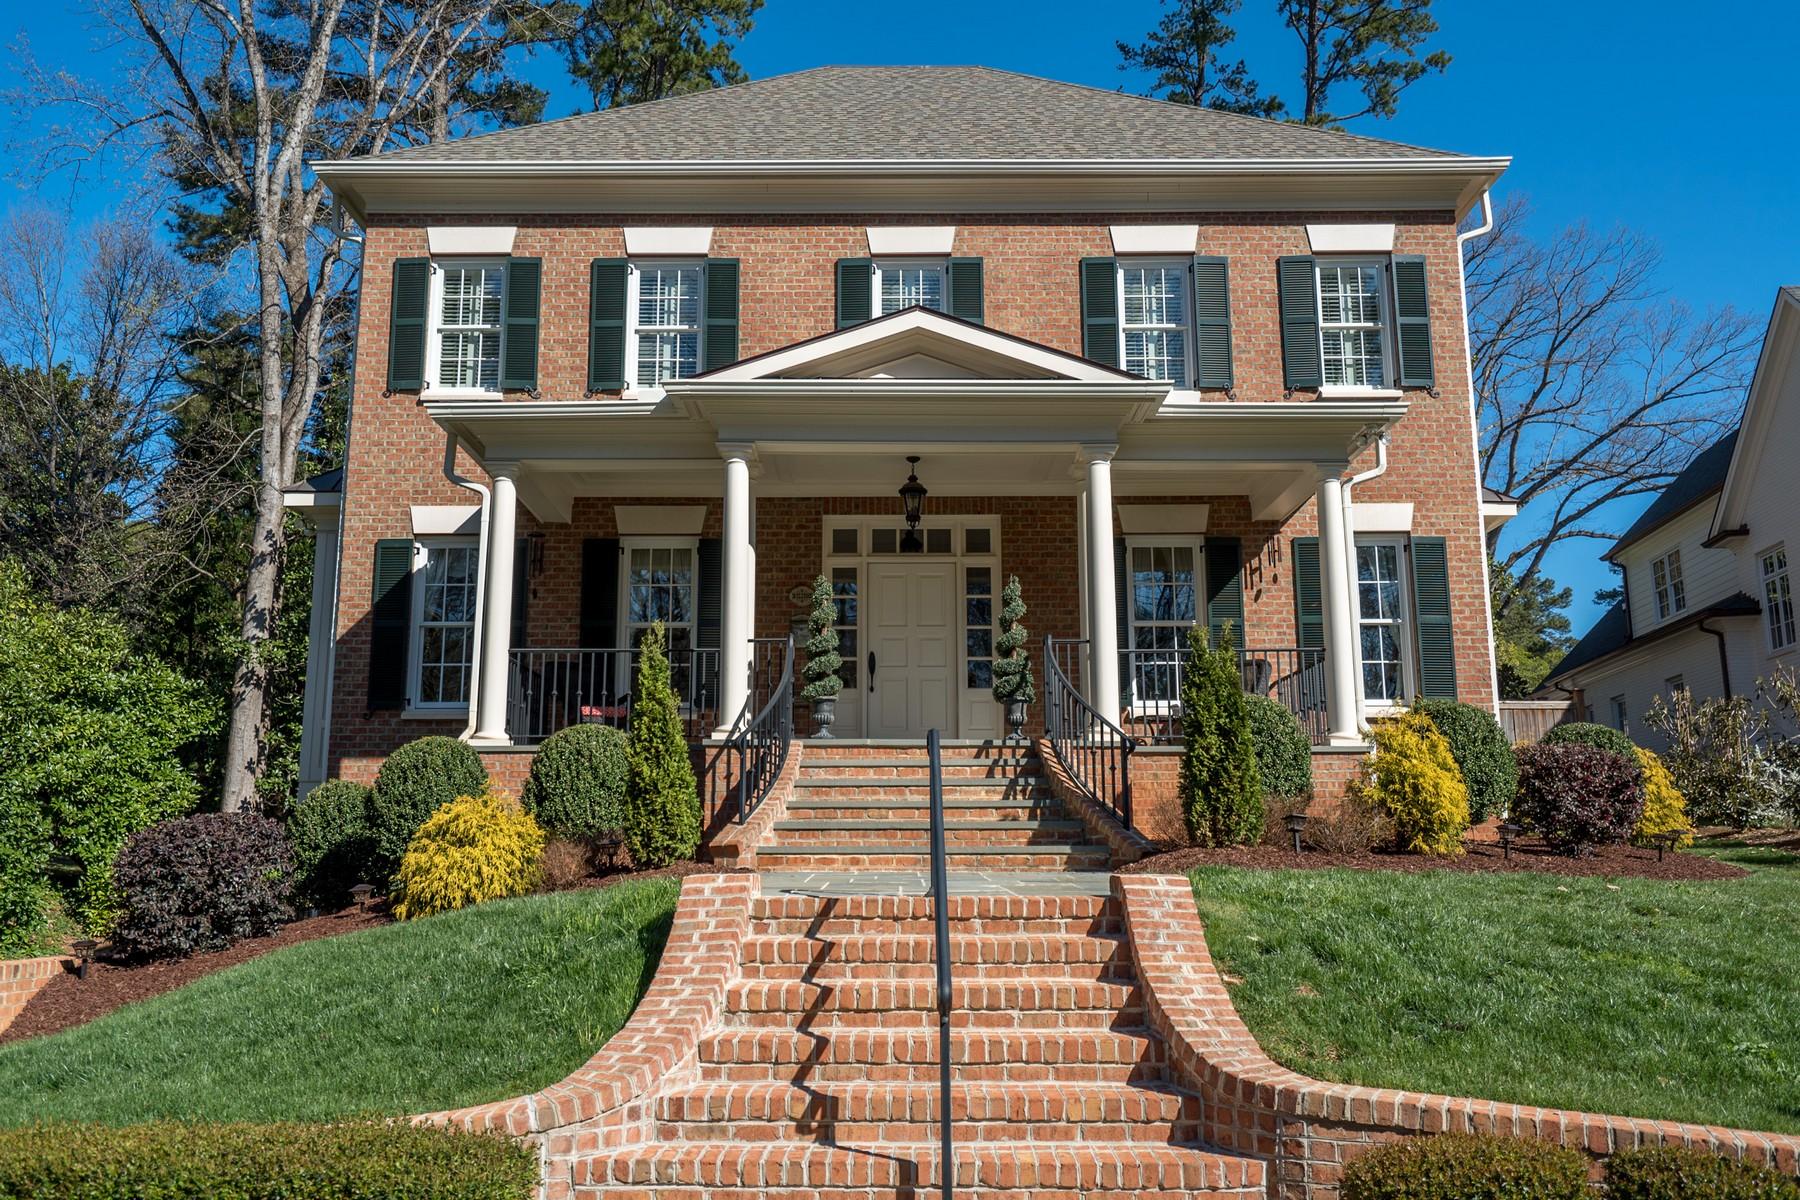 Casa Unifamiliar por un Venta en Country Club Hills Masterpiece 123 Pasquotank Drive Raleigh, Carolina Del Norte, 27609 Estados UnidosEn/Alrededor: Cary, Chapel Hill, Durham